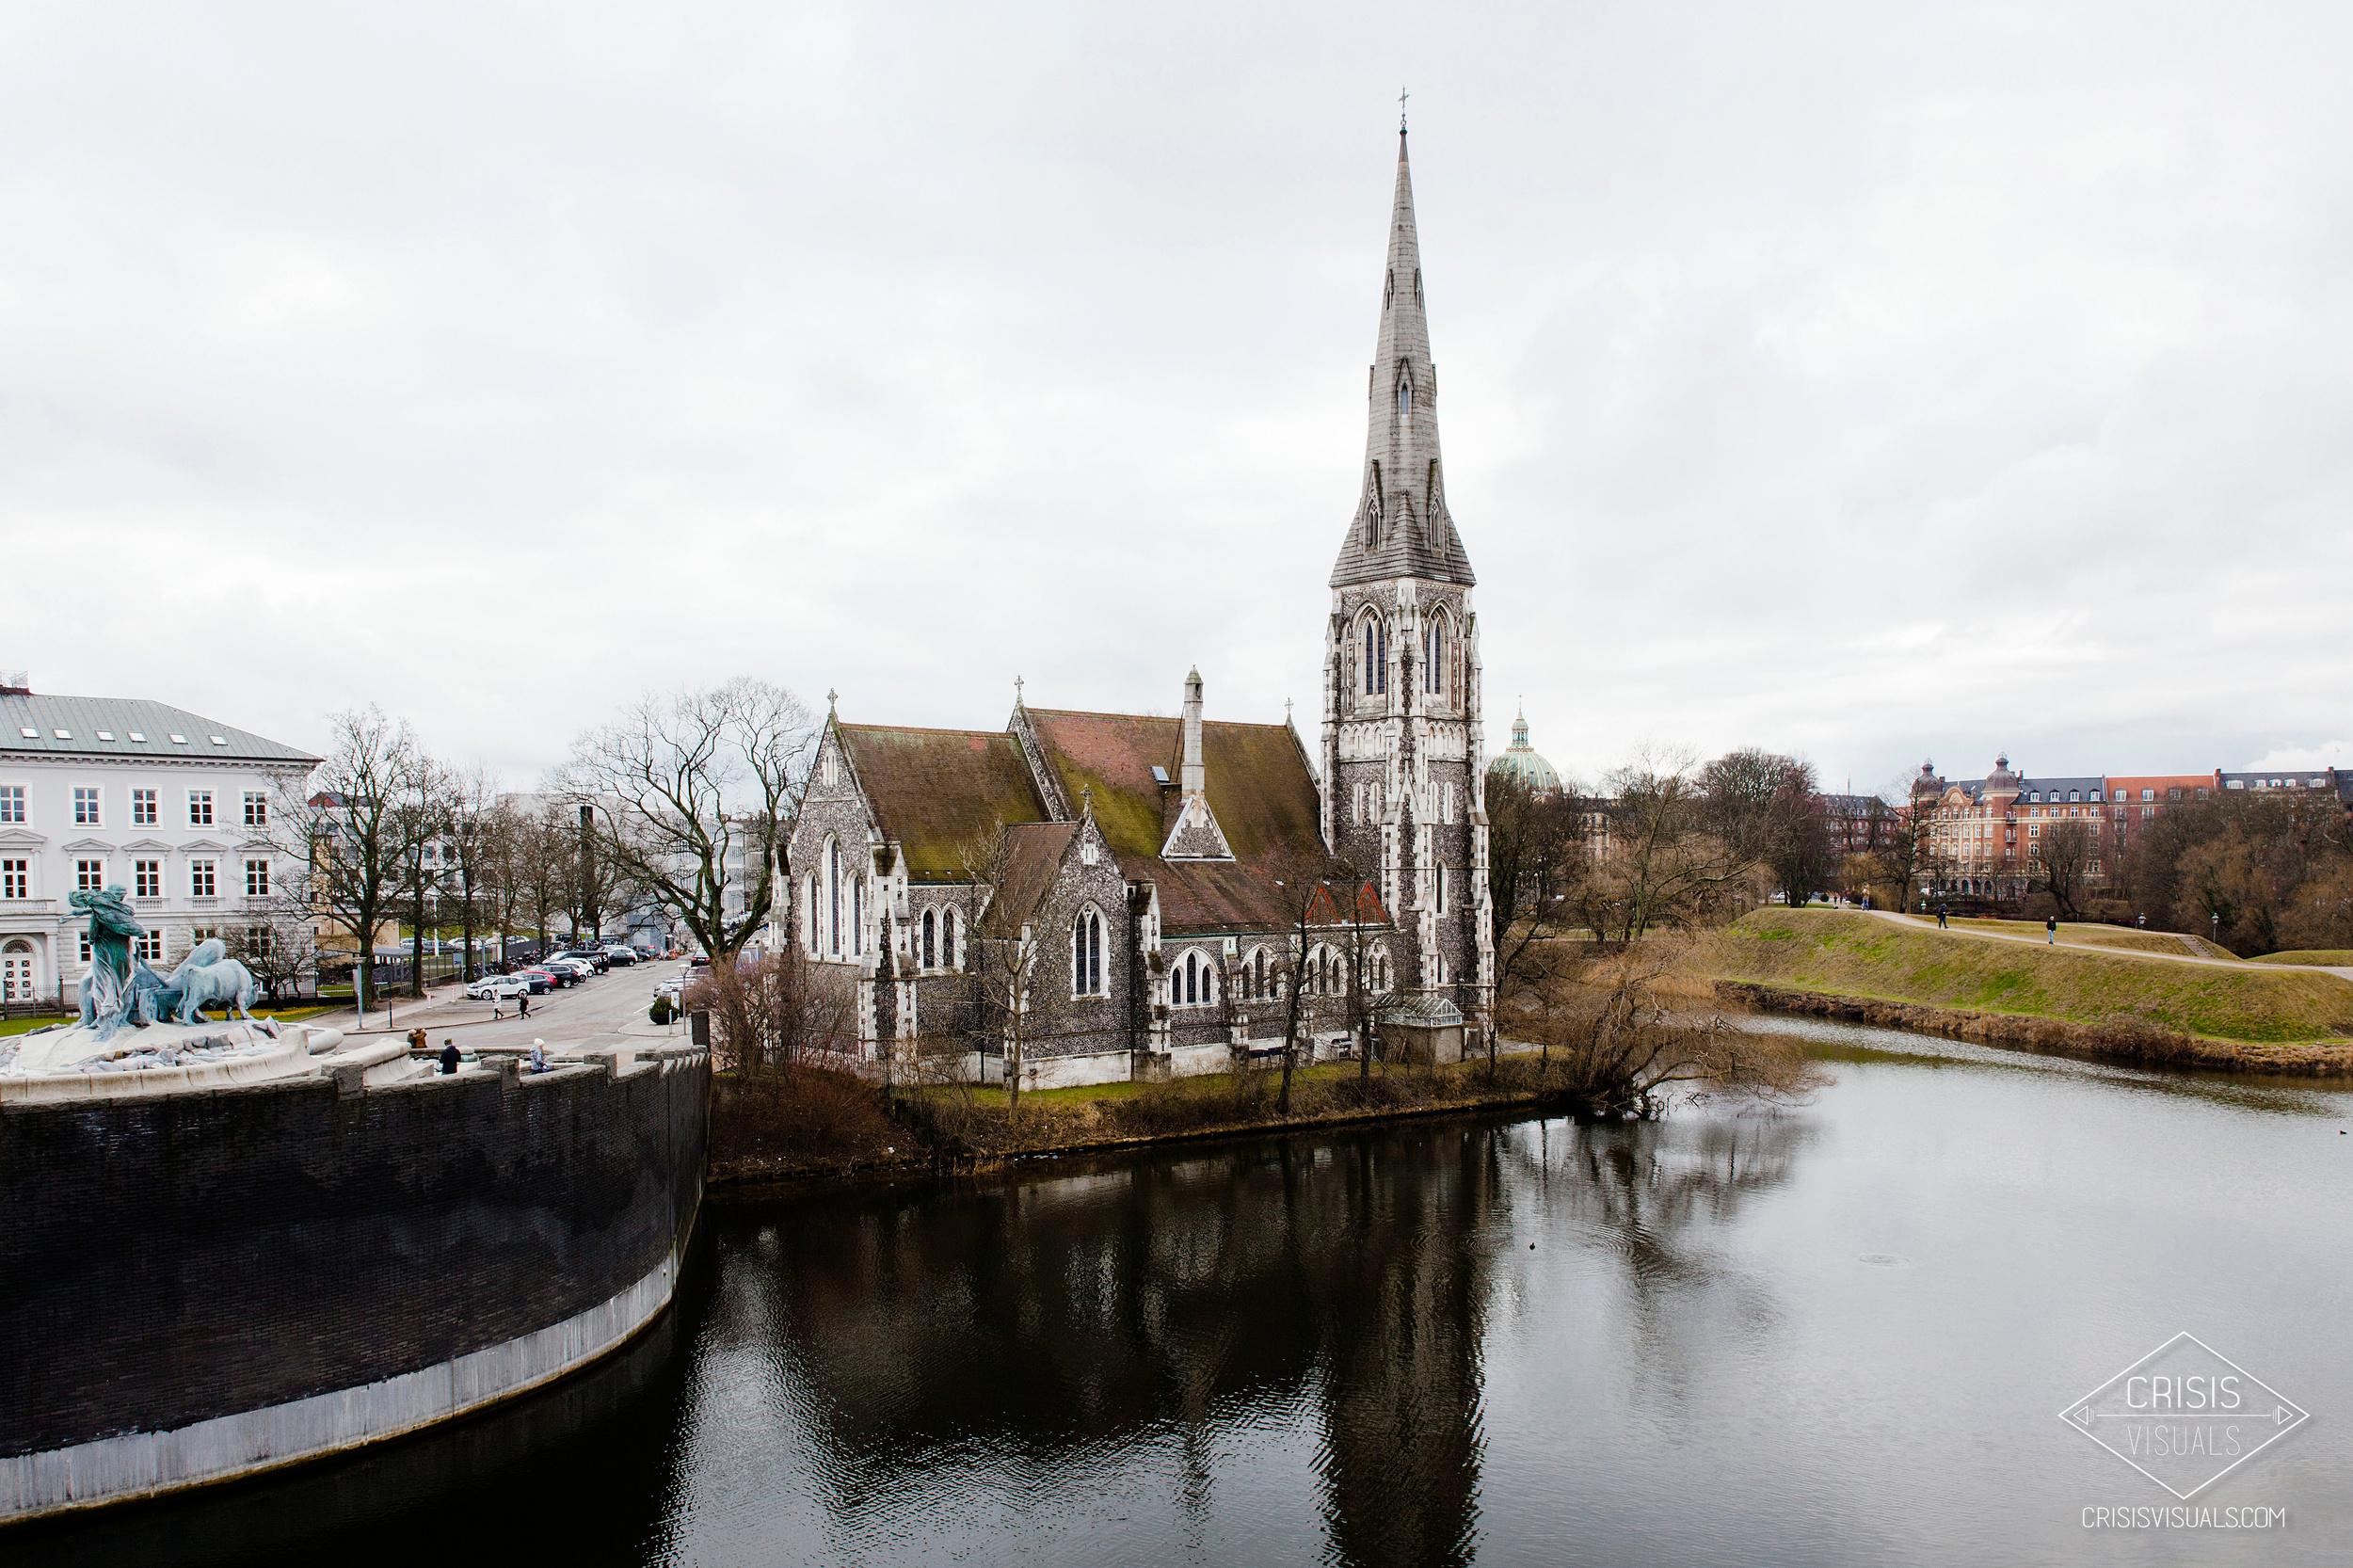 Englican's Church